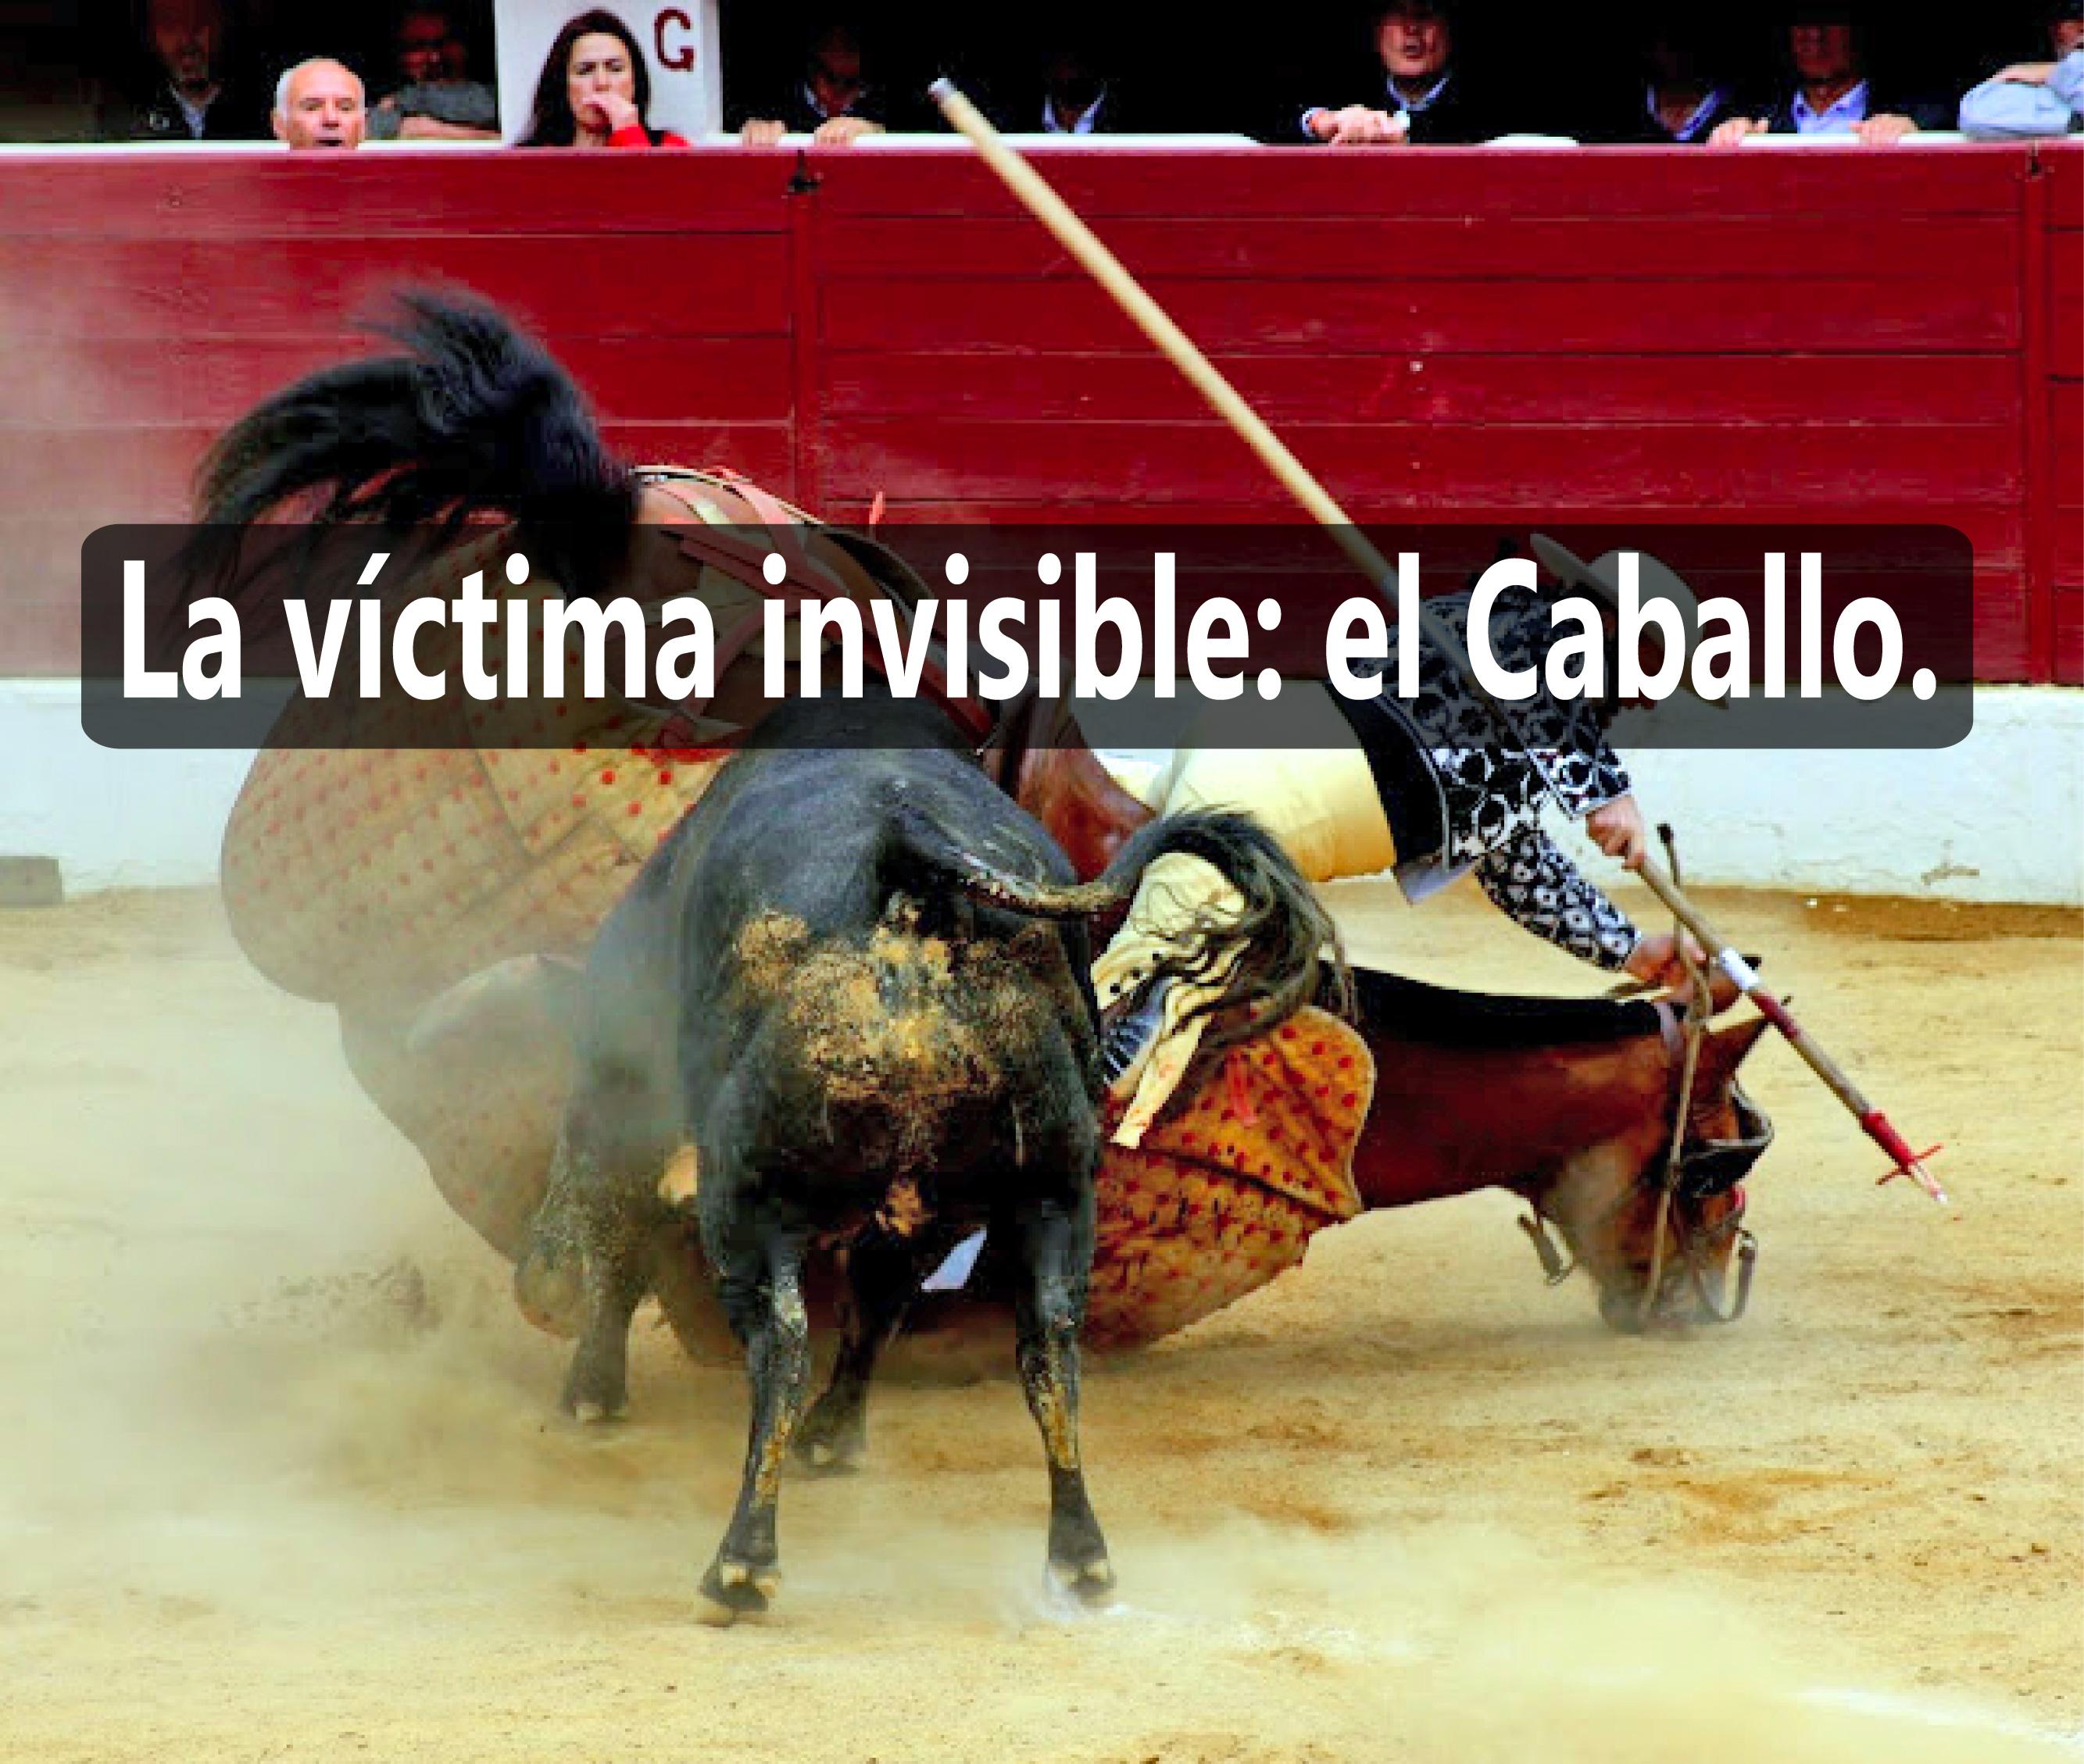 La víctima invisible: el Caballo en las corridas de Toros